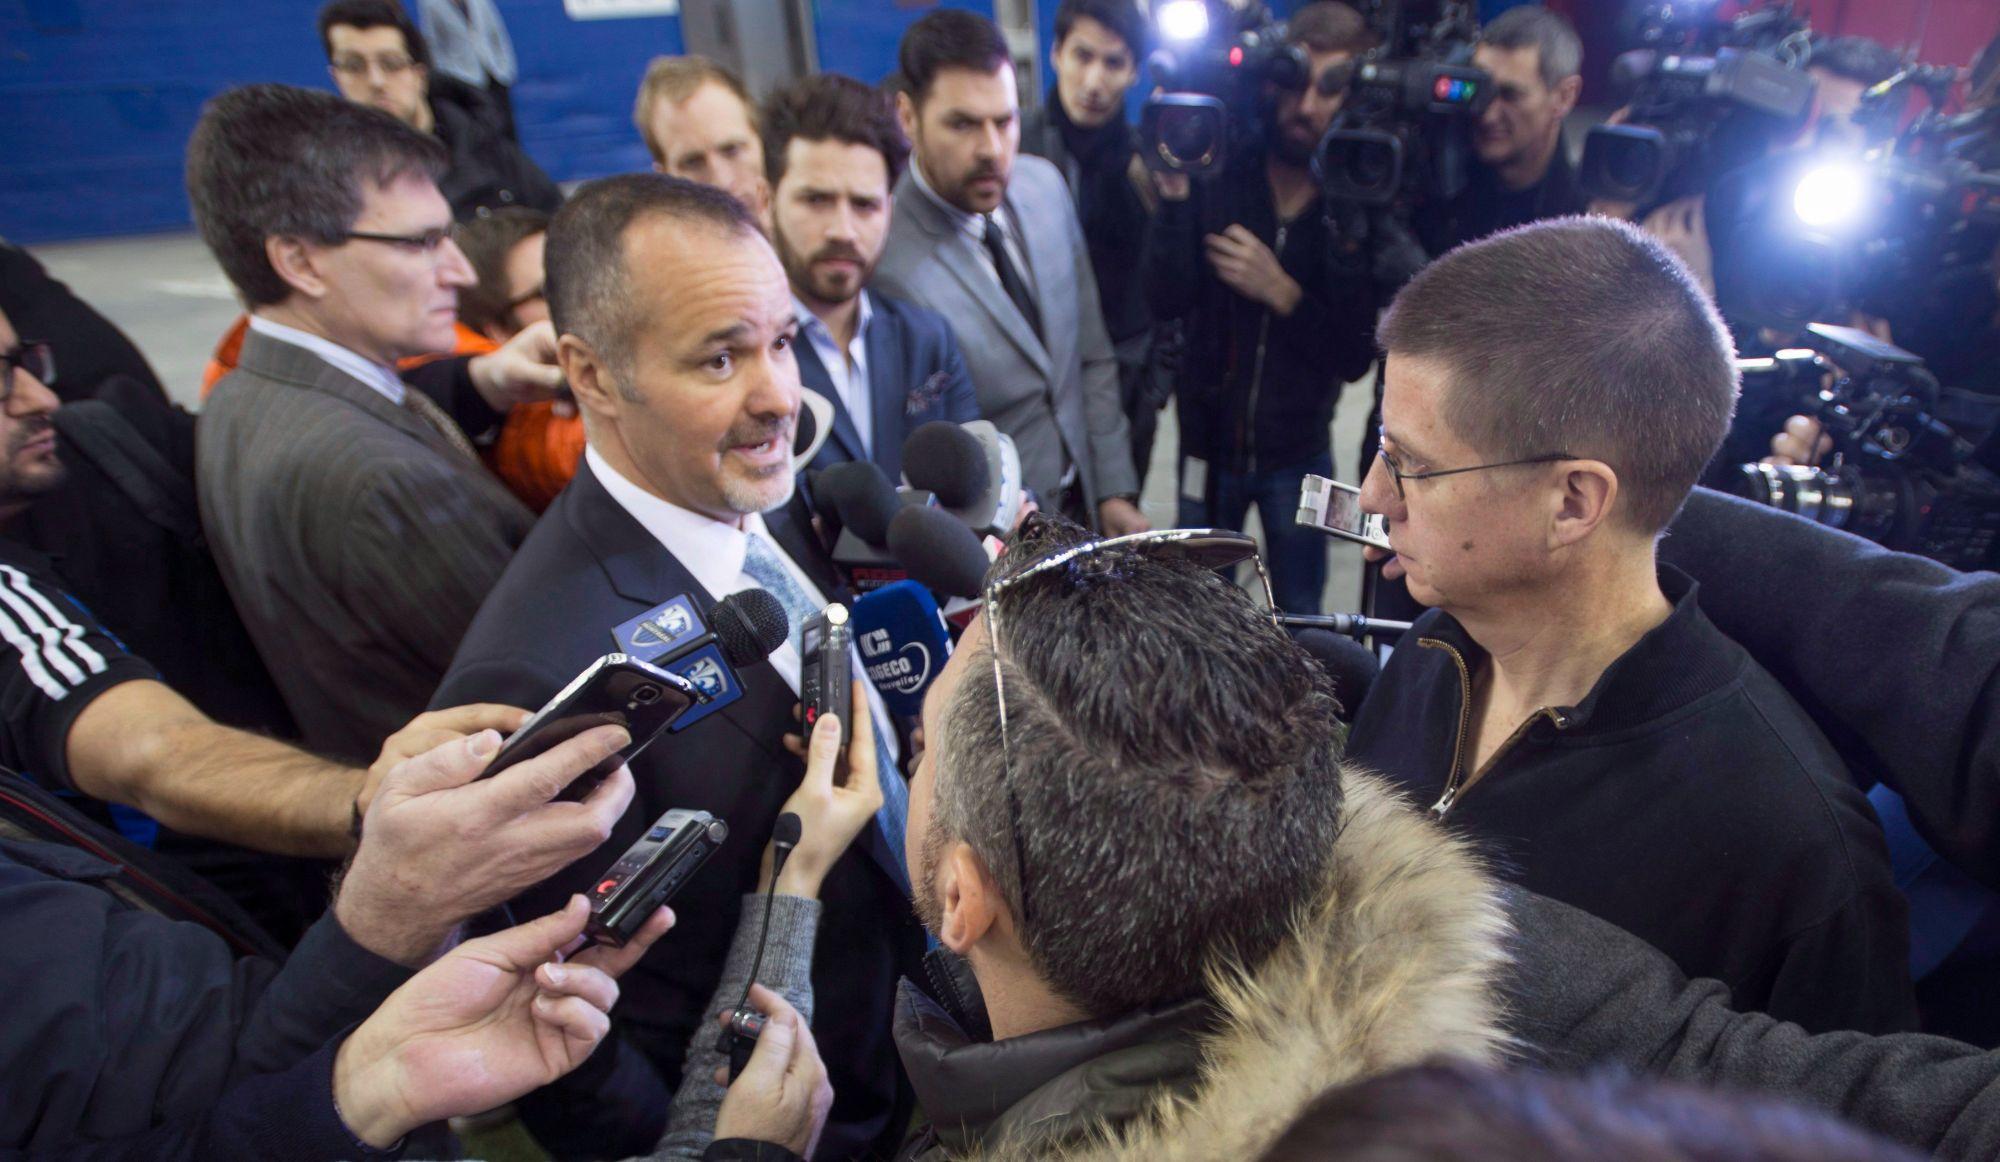 MLS: l'Impact Montréal de Laurent Ciman s'est trouvé un nouveau Garde